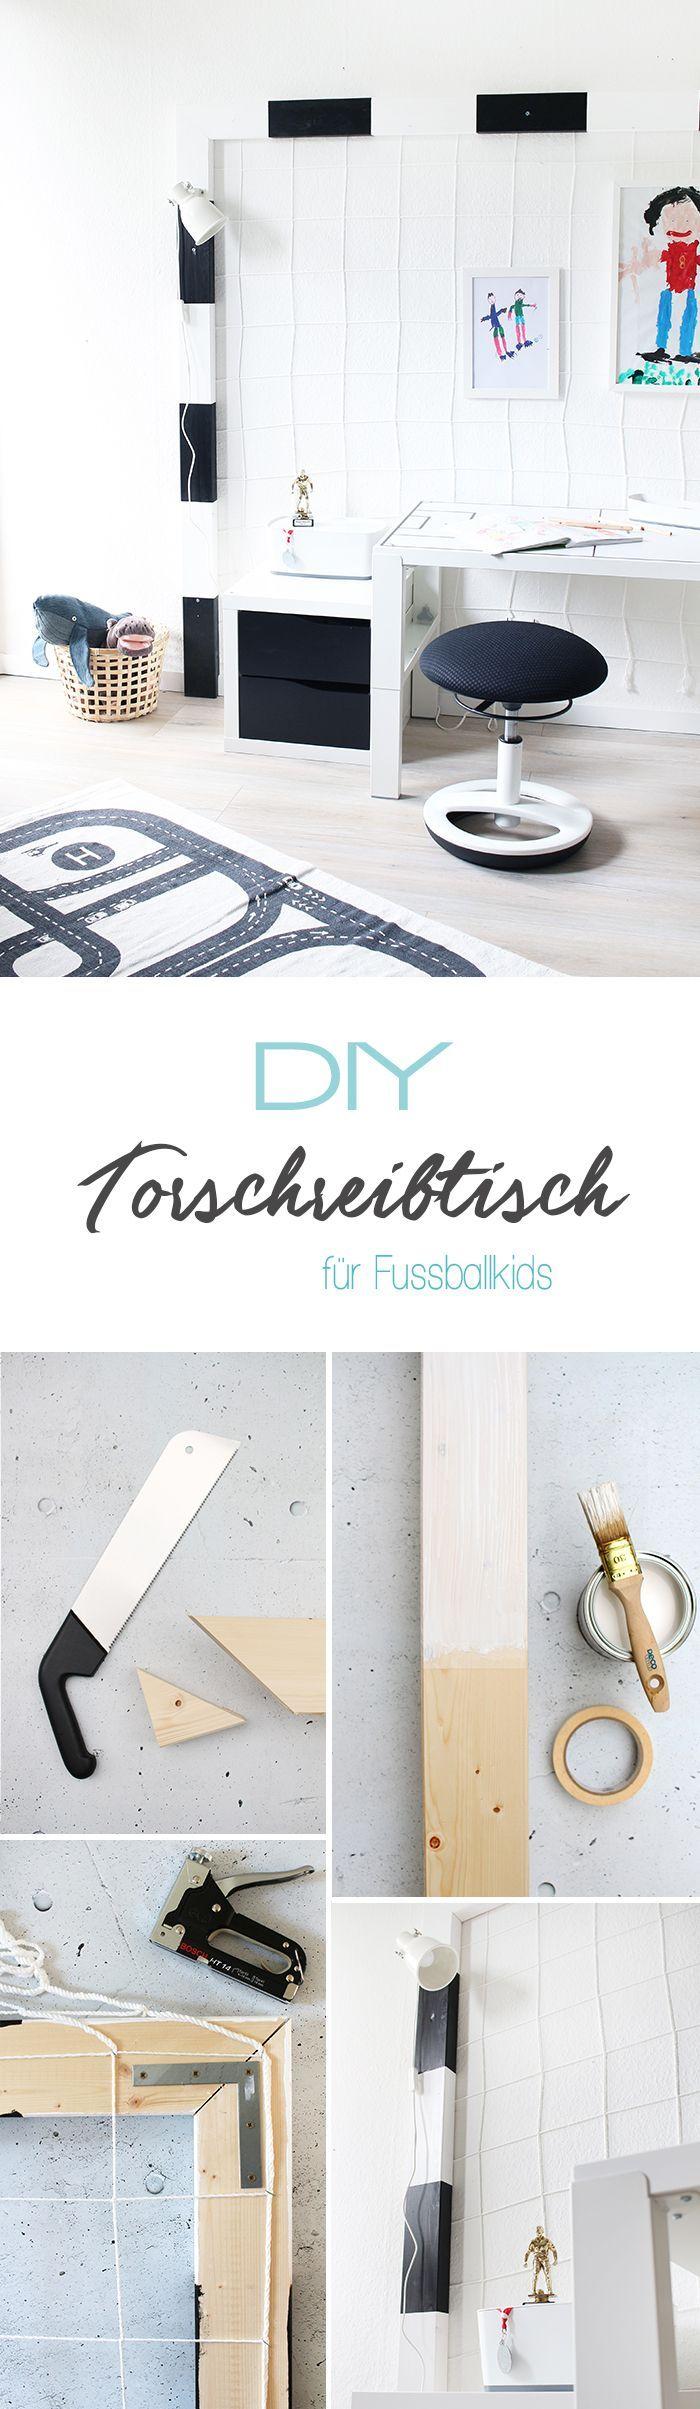 Do It Yourself Schreibtisch F R Fussballfans Selbst Bauen Hsvjakd Pinterest